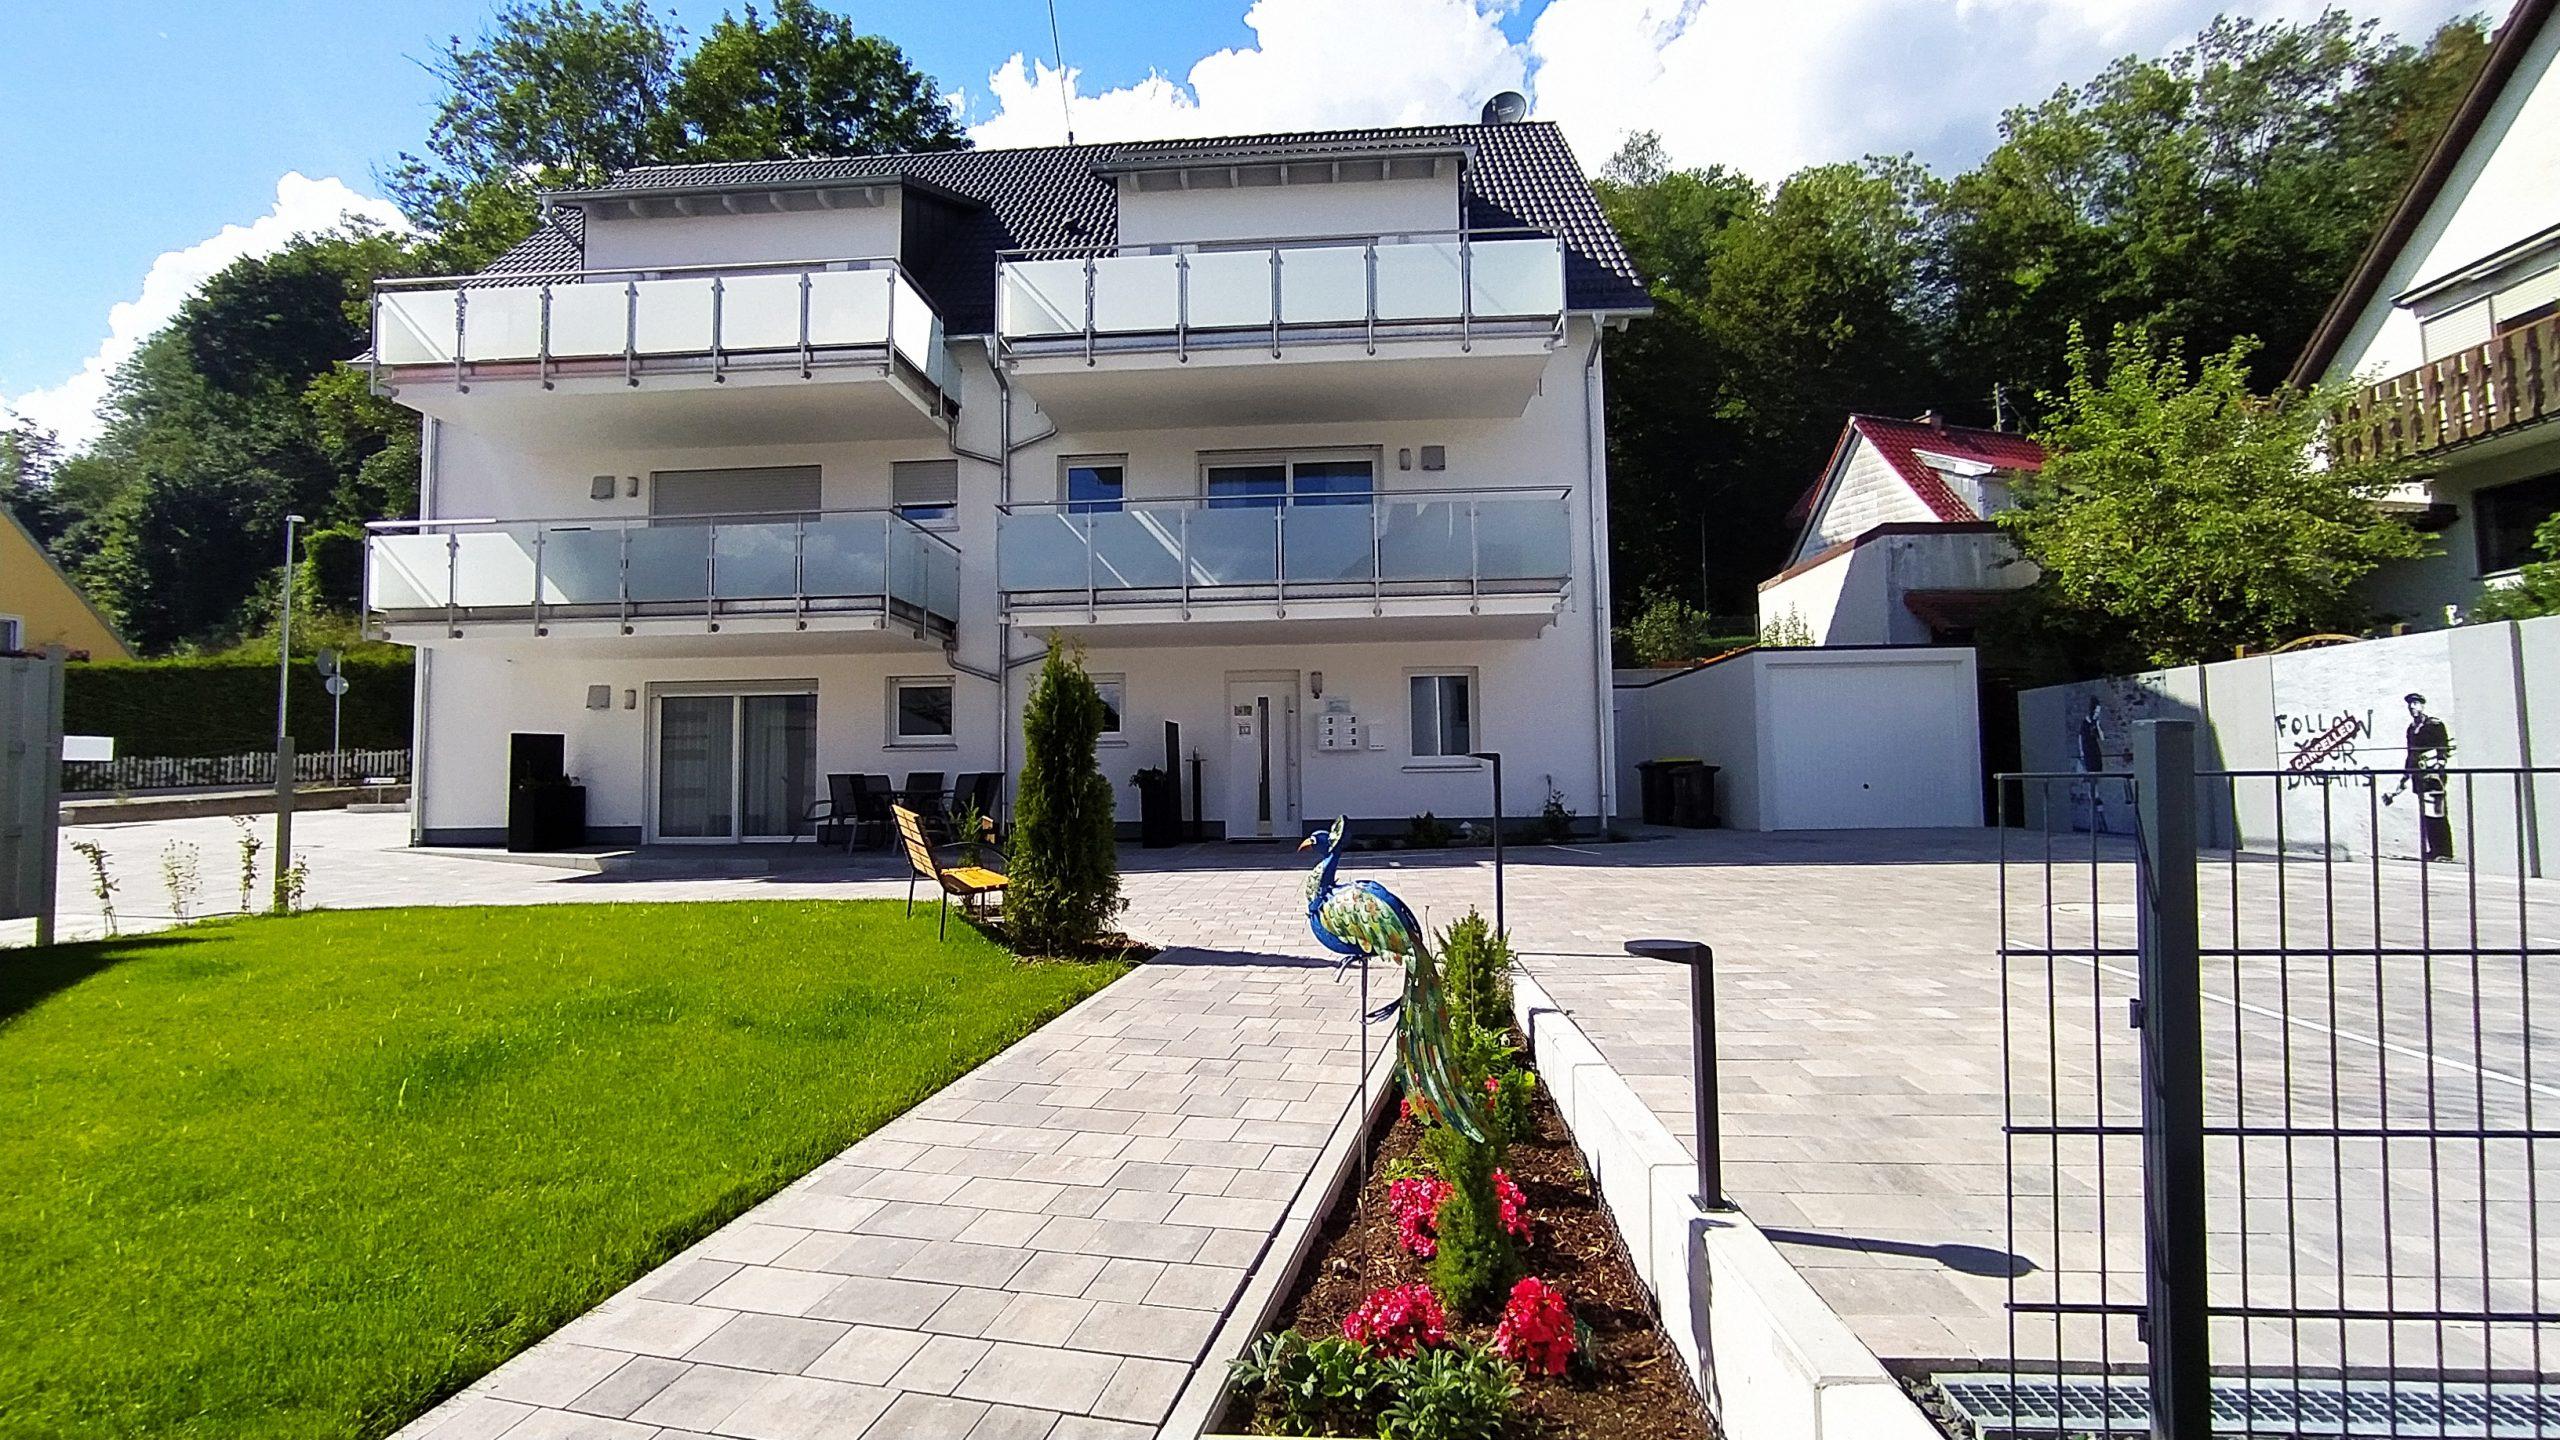 Ferienwohnungen Günzburg - Gästehaus Munk